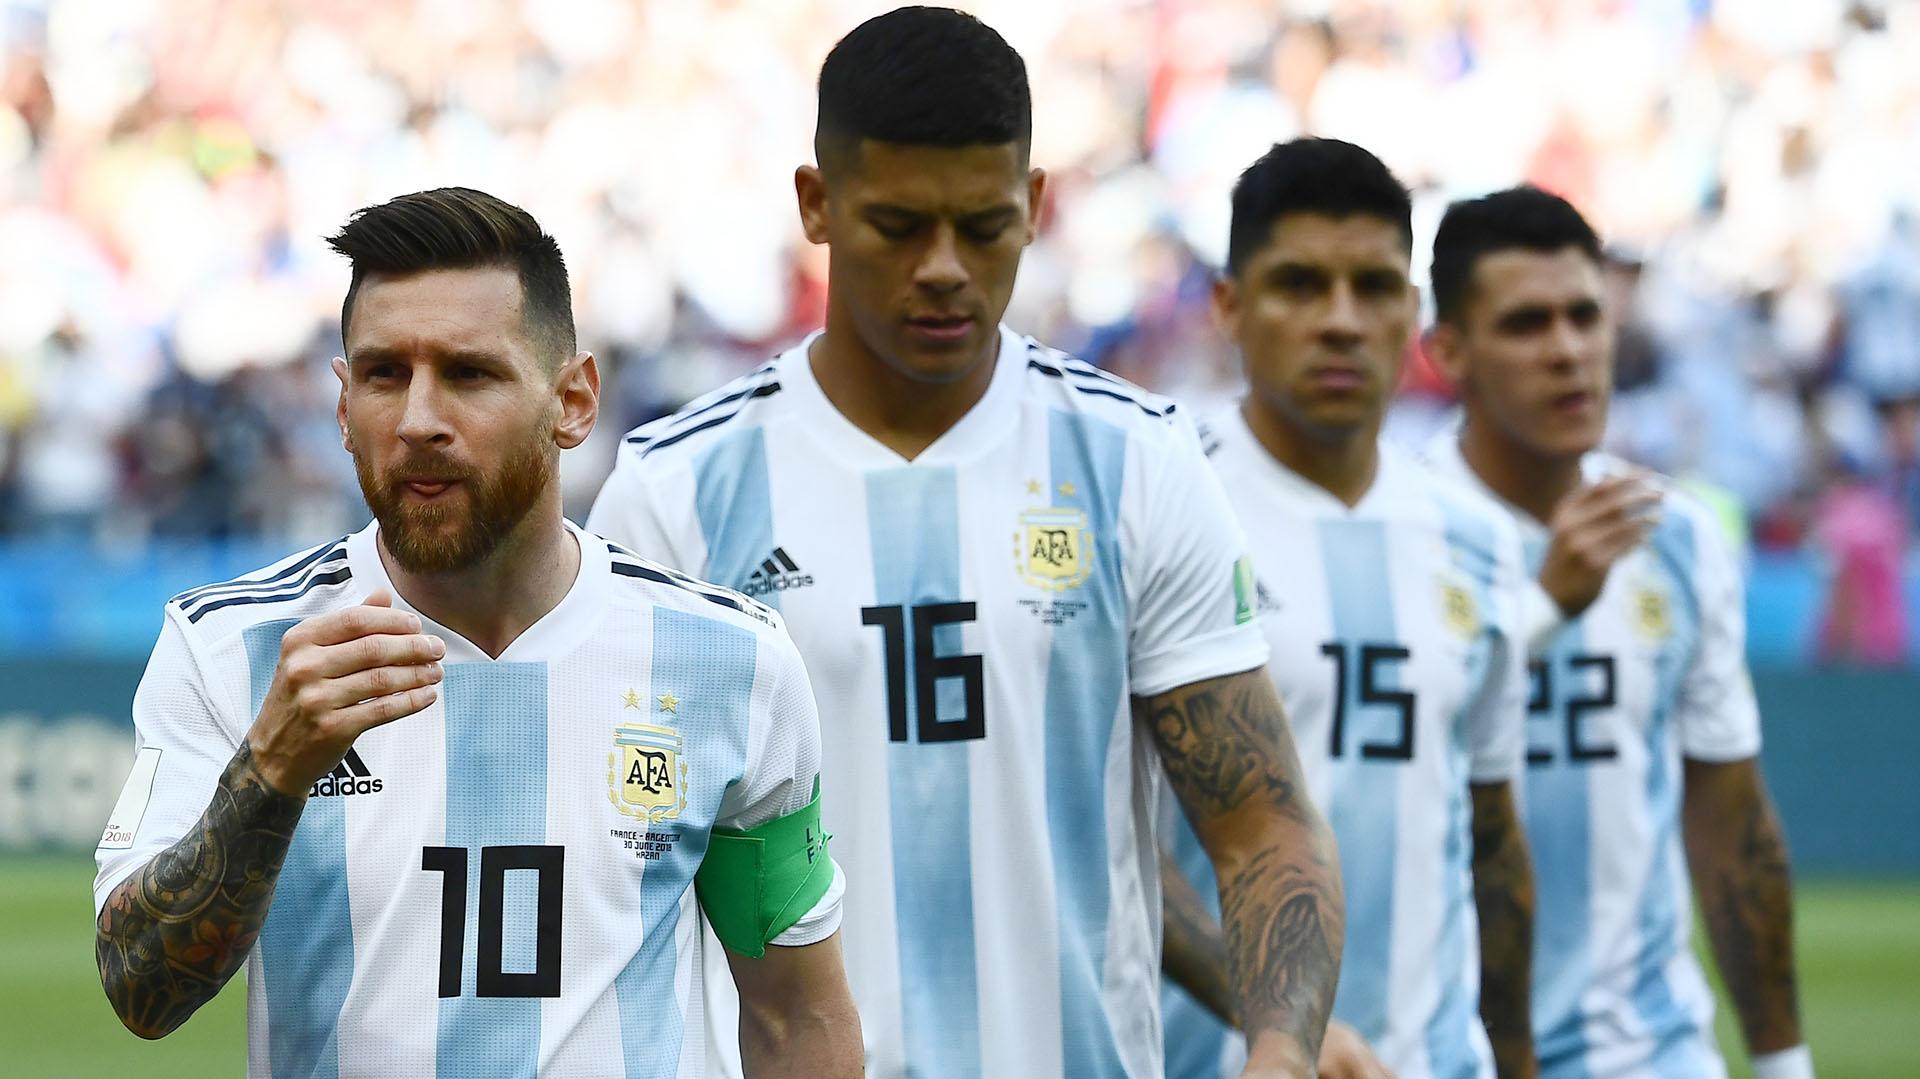 Detrás de Messi, tres jugadores que estuvieron en el Mundial y no serán parte del plantel en la Copa América: Marcos Rojo, Enzo Pérez y Cristian Pavón (AFP)